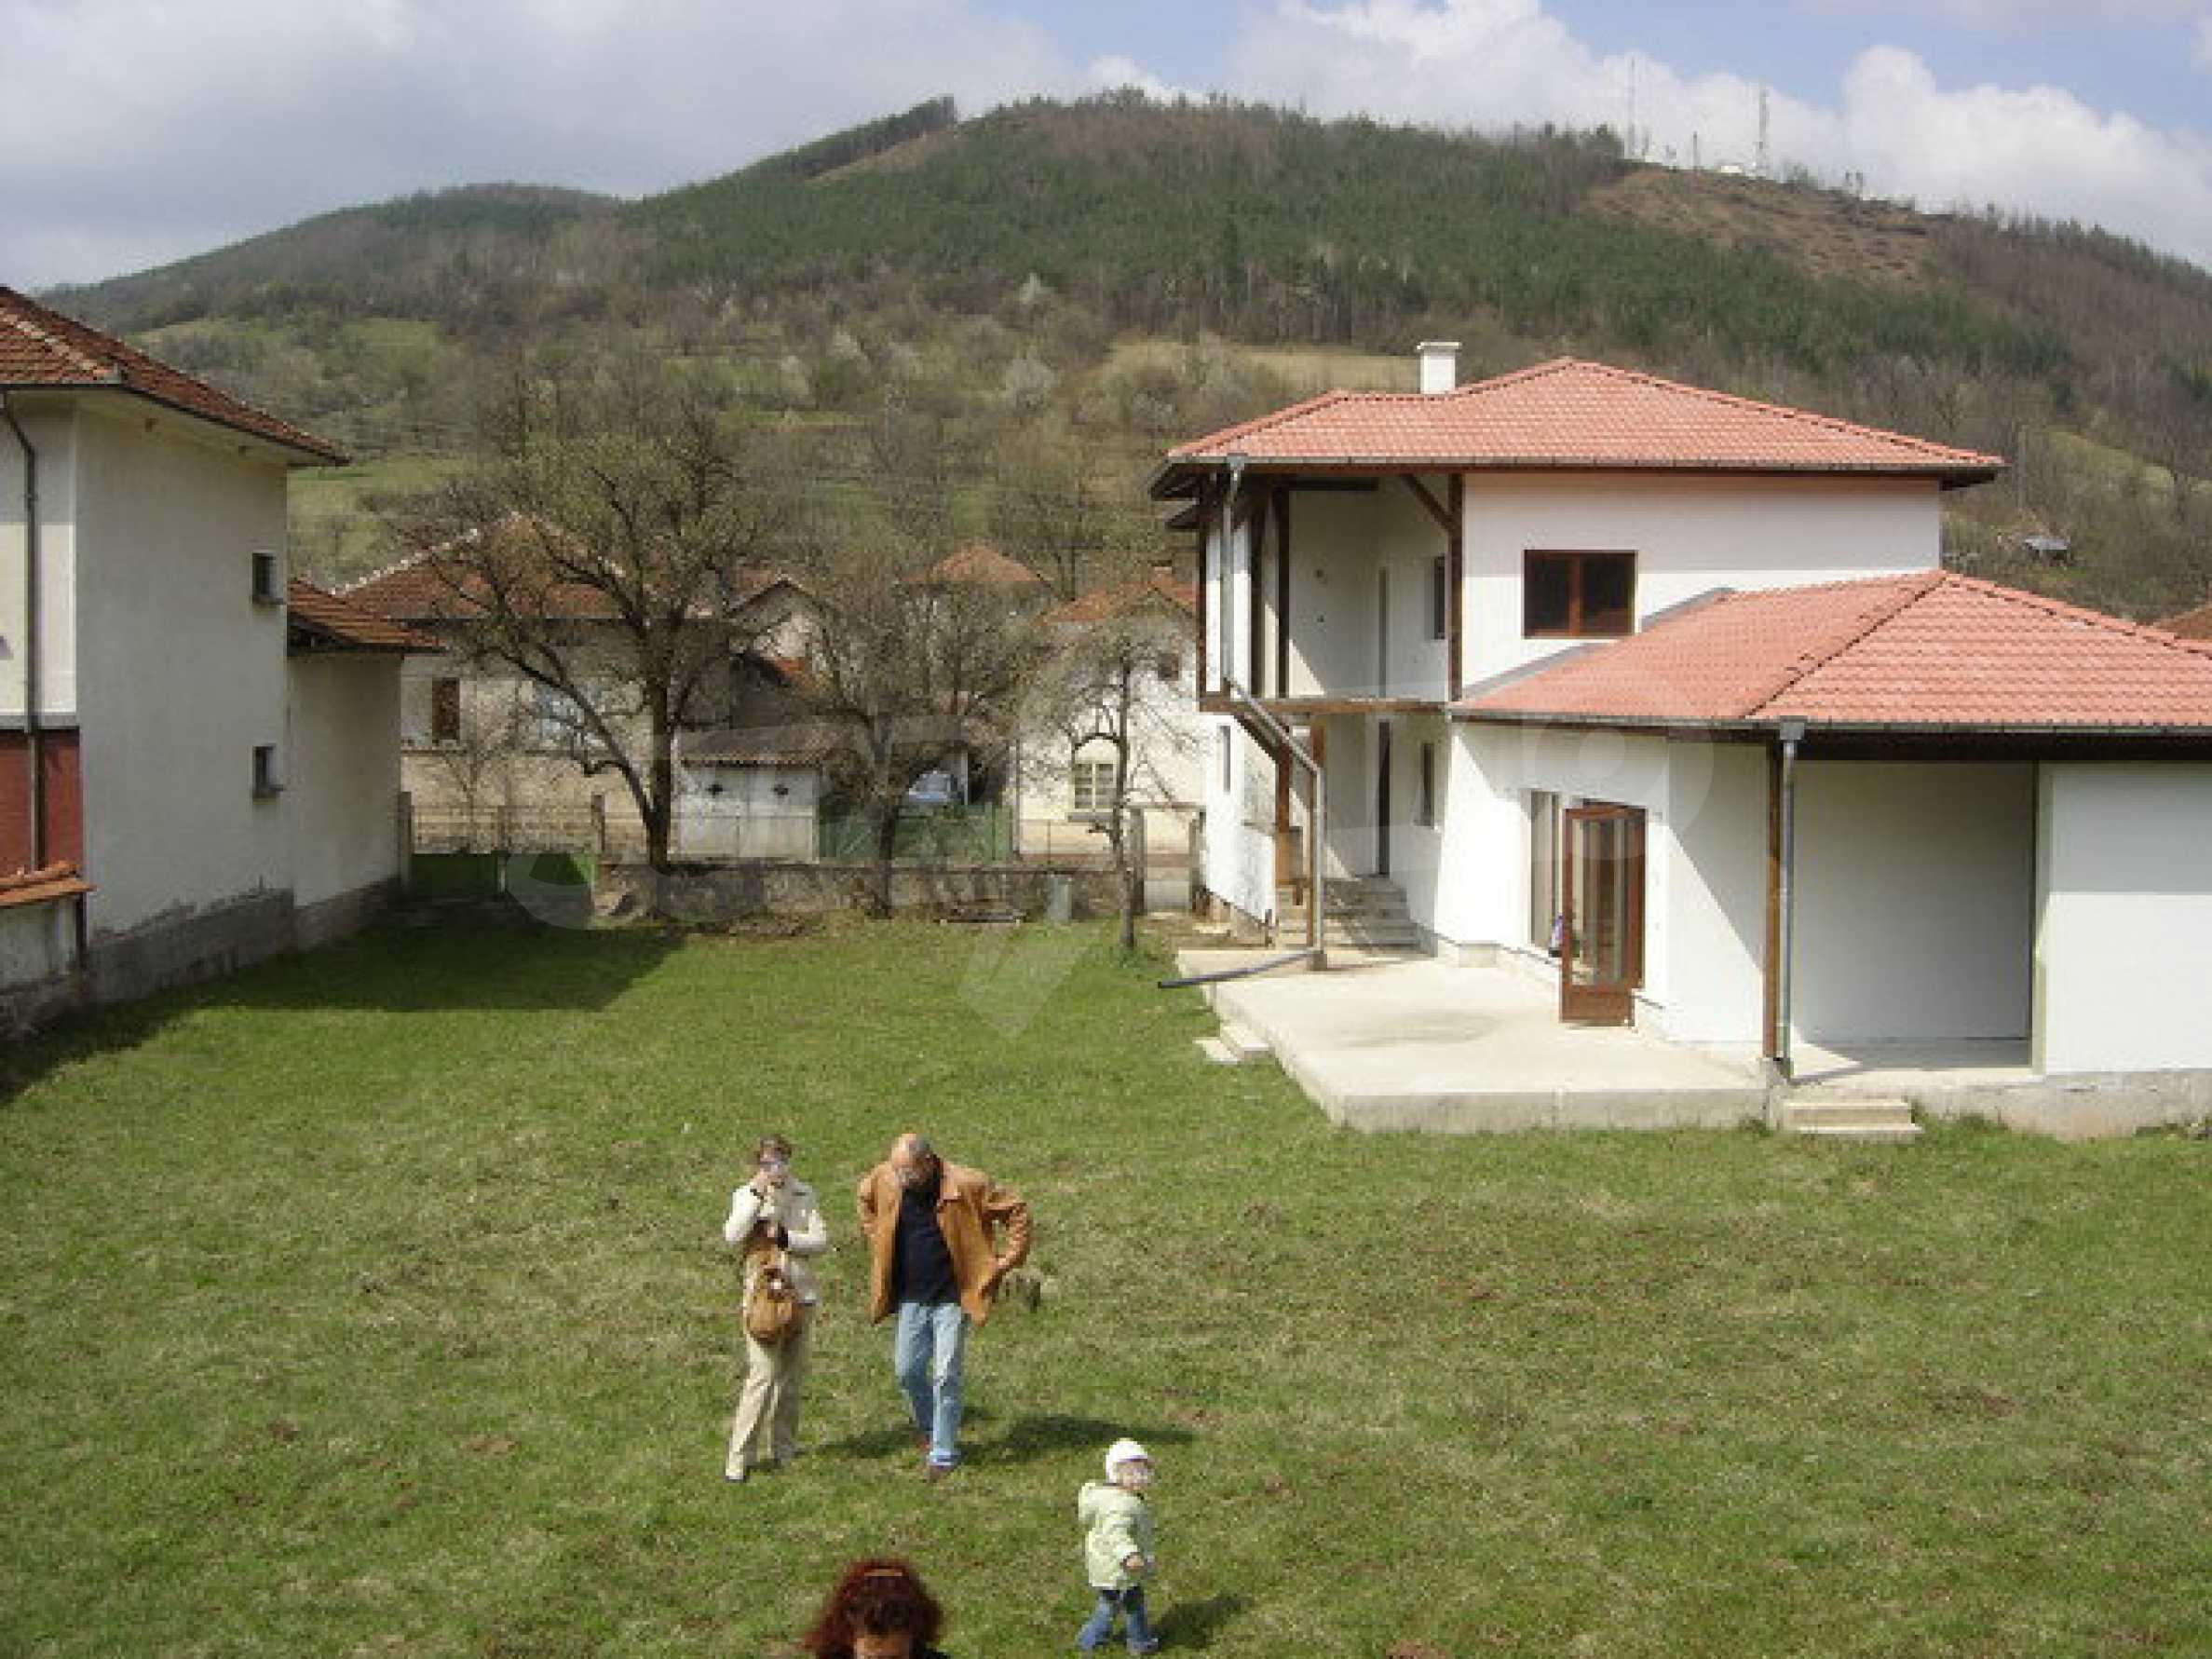 Zweistöckiges Haus mit Hof in einem Dorf in der Nähe von Sopot Damm 7